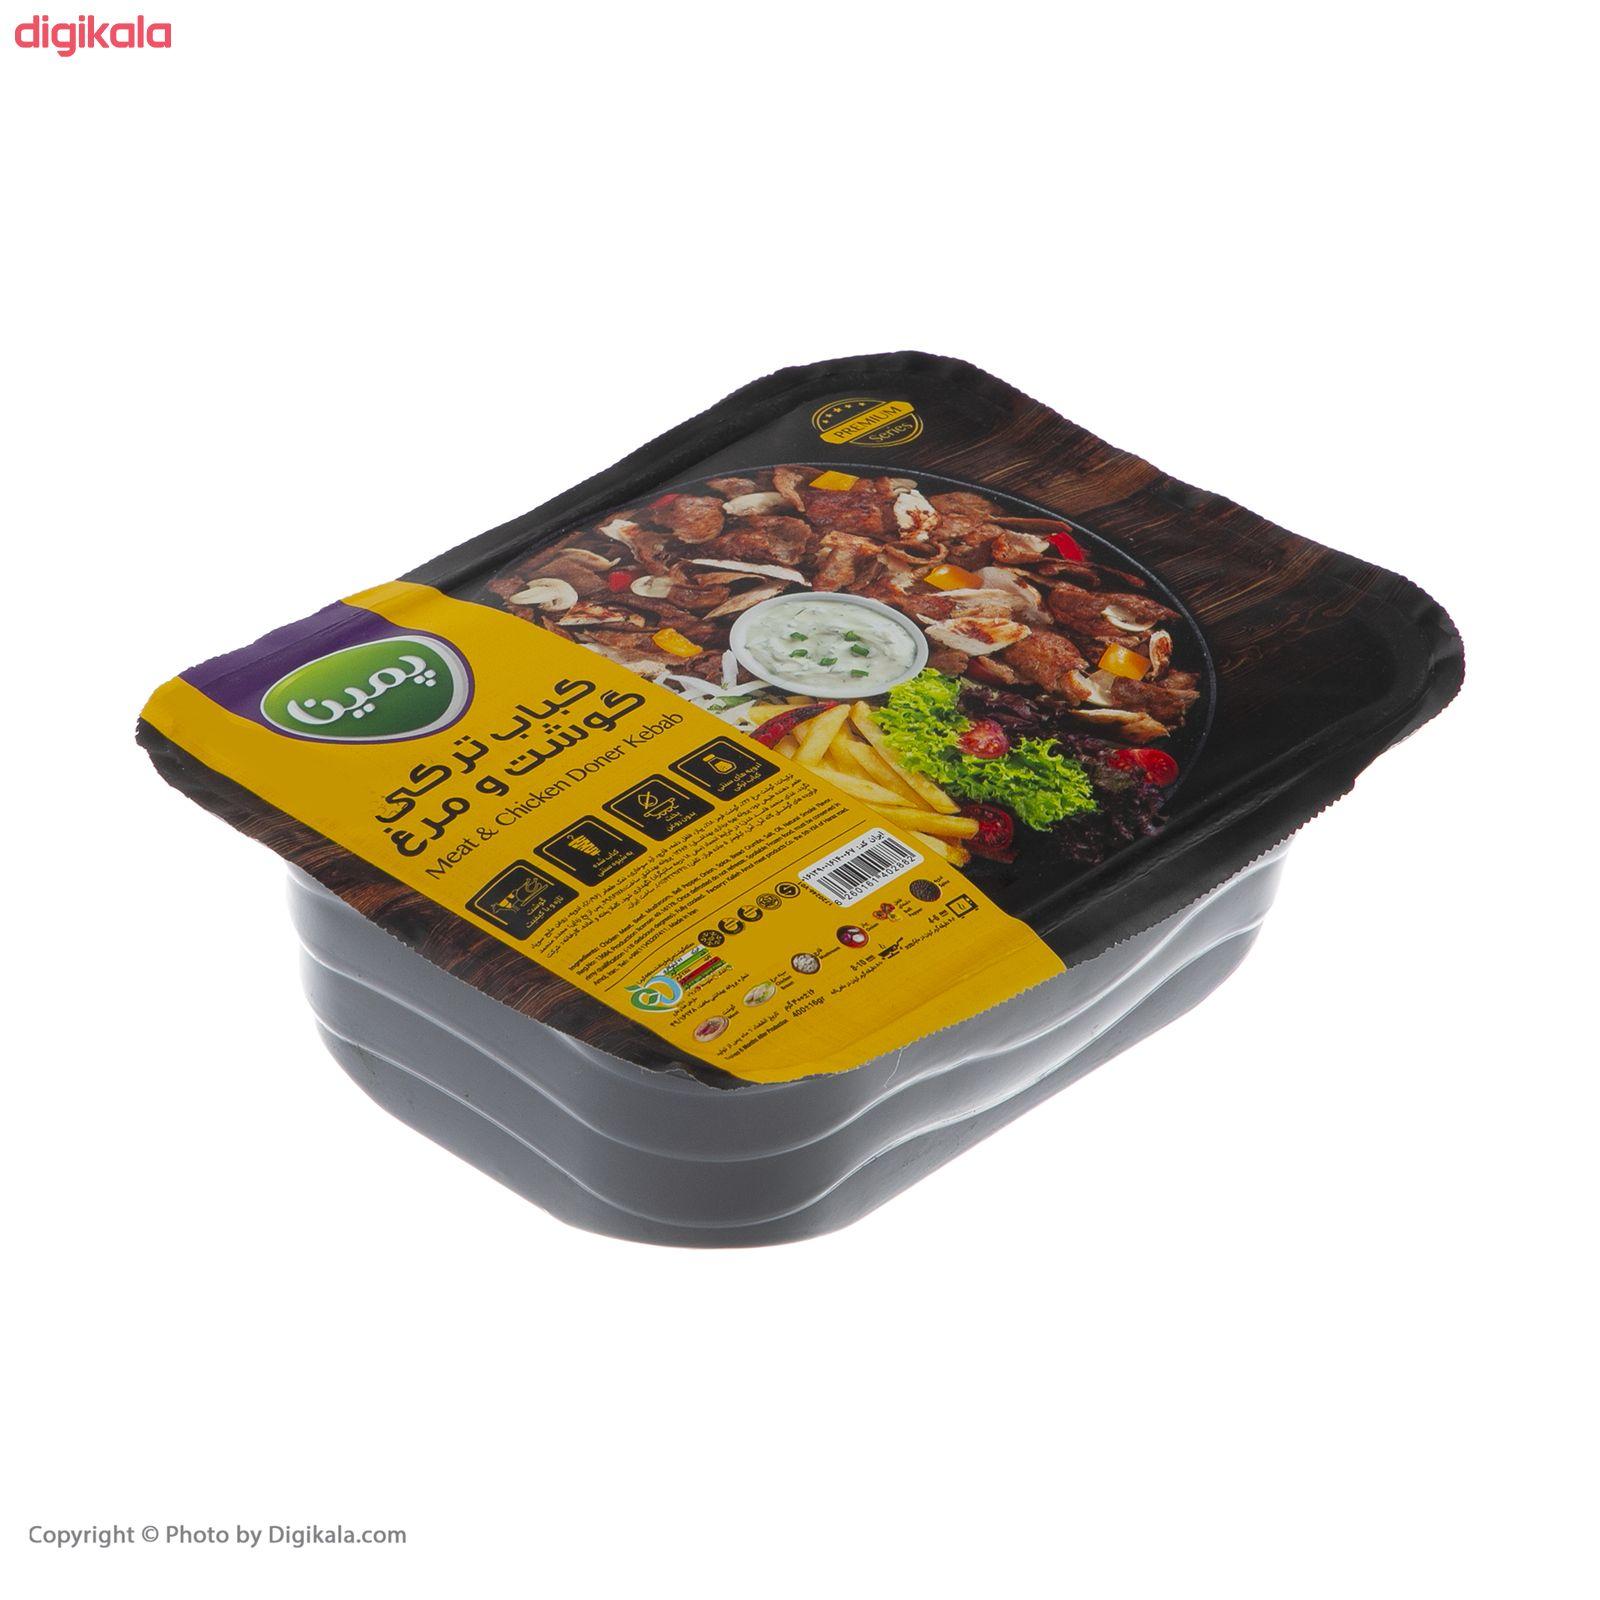 جوجه کباب ترکی گوشت و مرغ پمینا مقدار 400 گرم main 1 5